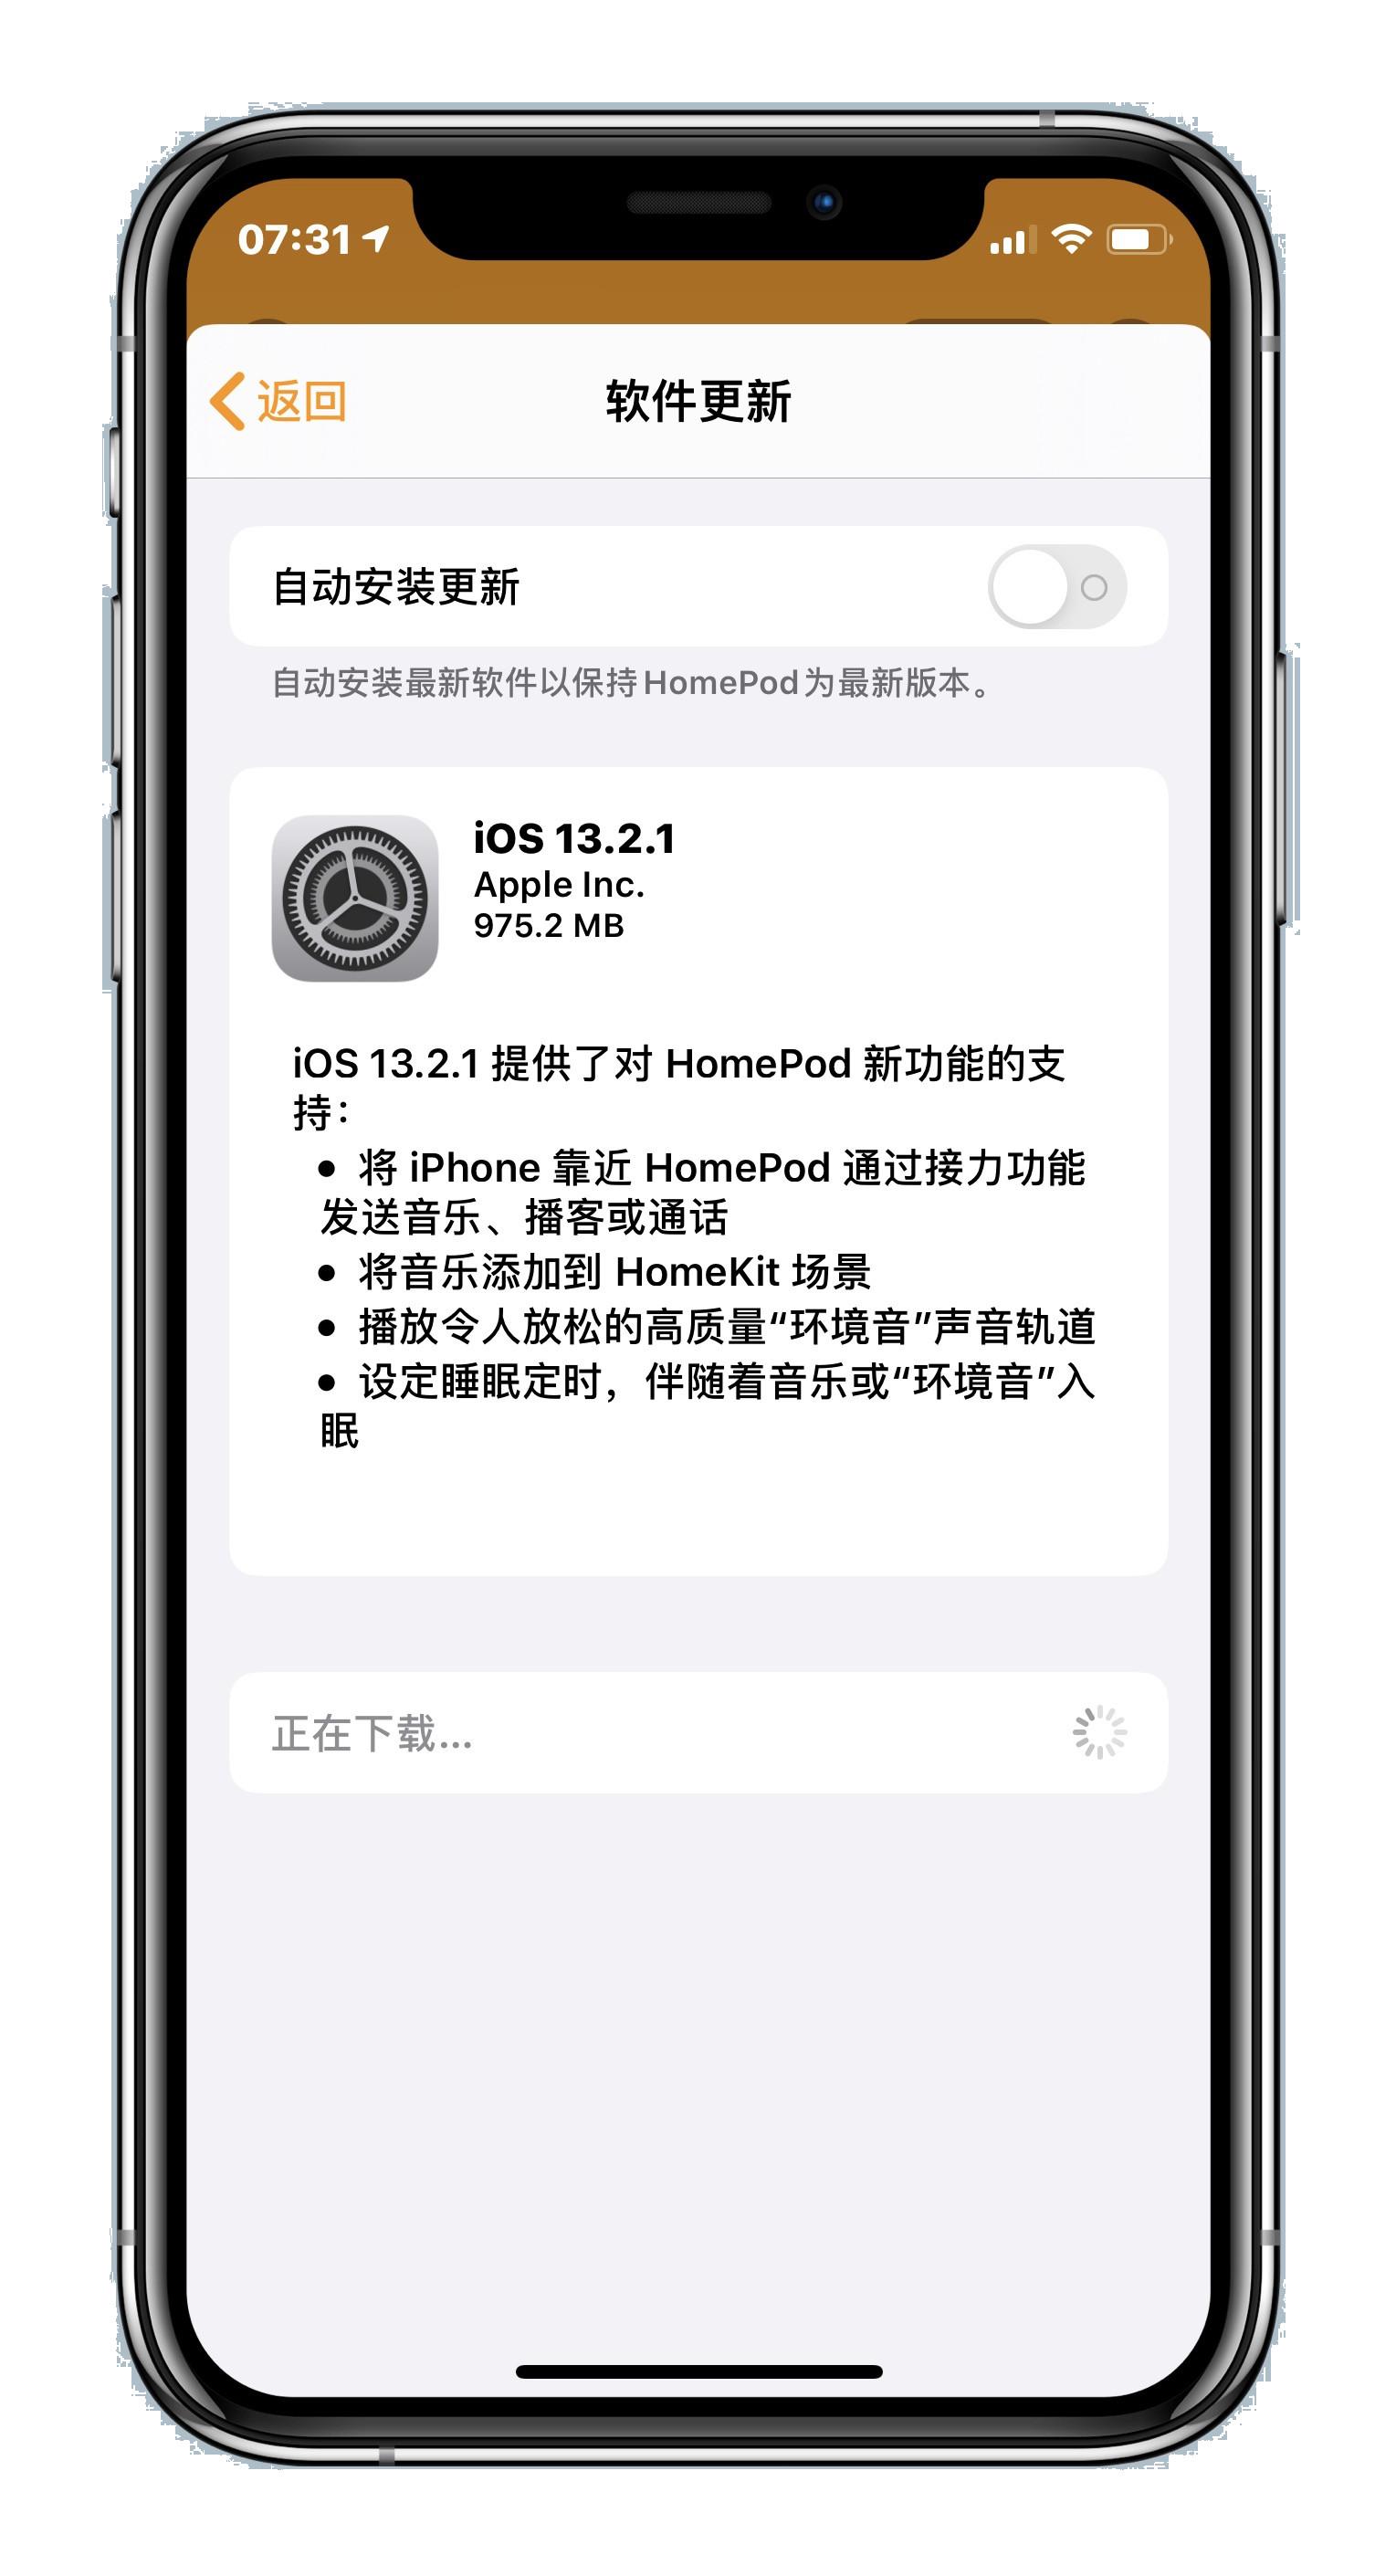 苹果为 HomePod 紧急推送 iOS13.2.1,修复变砖问题